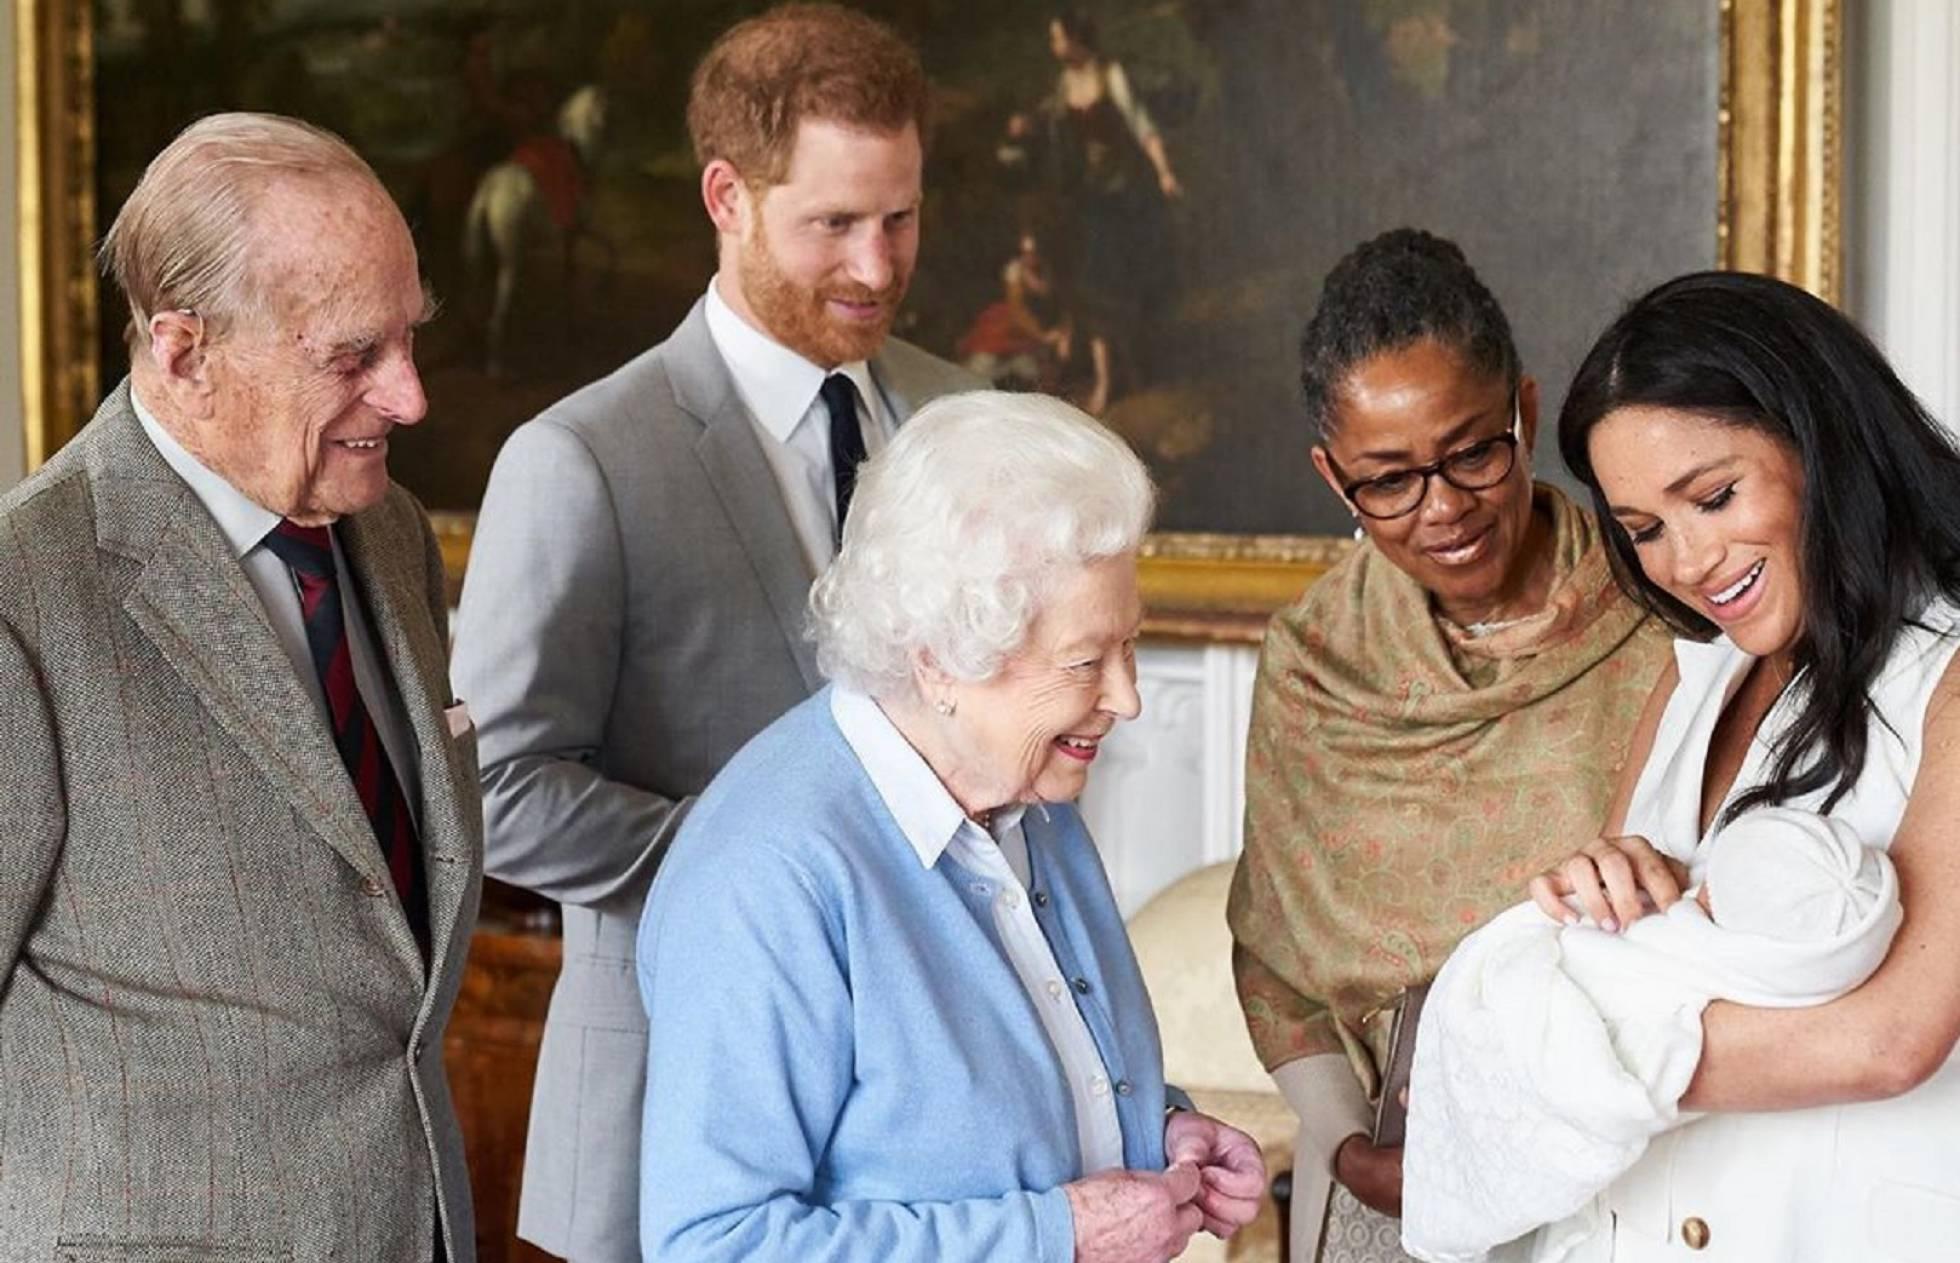 Enrique de Inglaterra y Meghan Markle presentan a su hijo a la reina Isabel, Felipe de Edimburgo y Dorian Ragland.